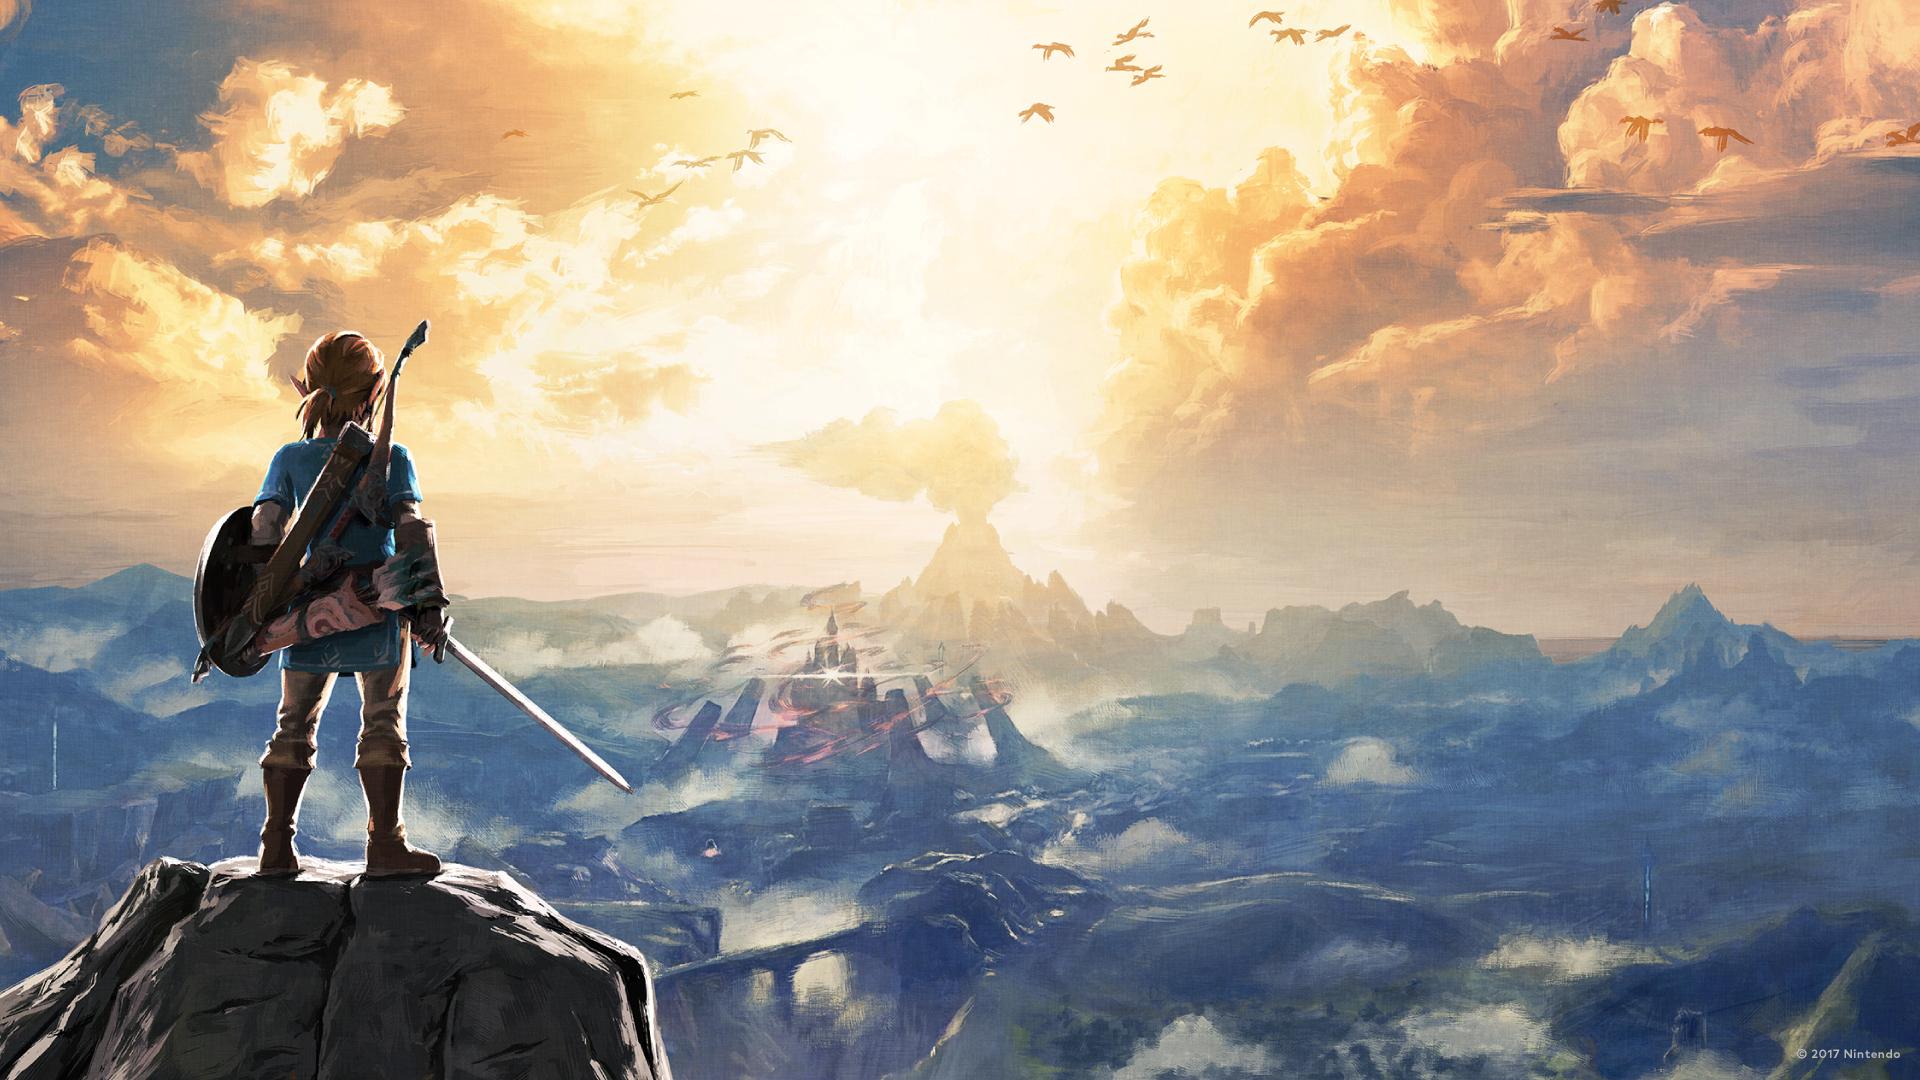 任天堂发布多张免费高清壁纸:包括《动物森友会》等多款游戏